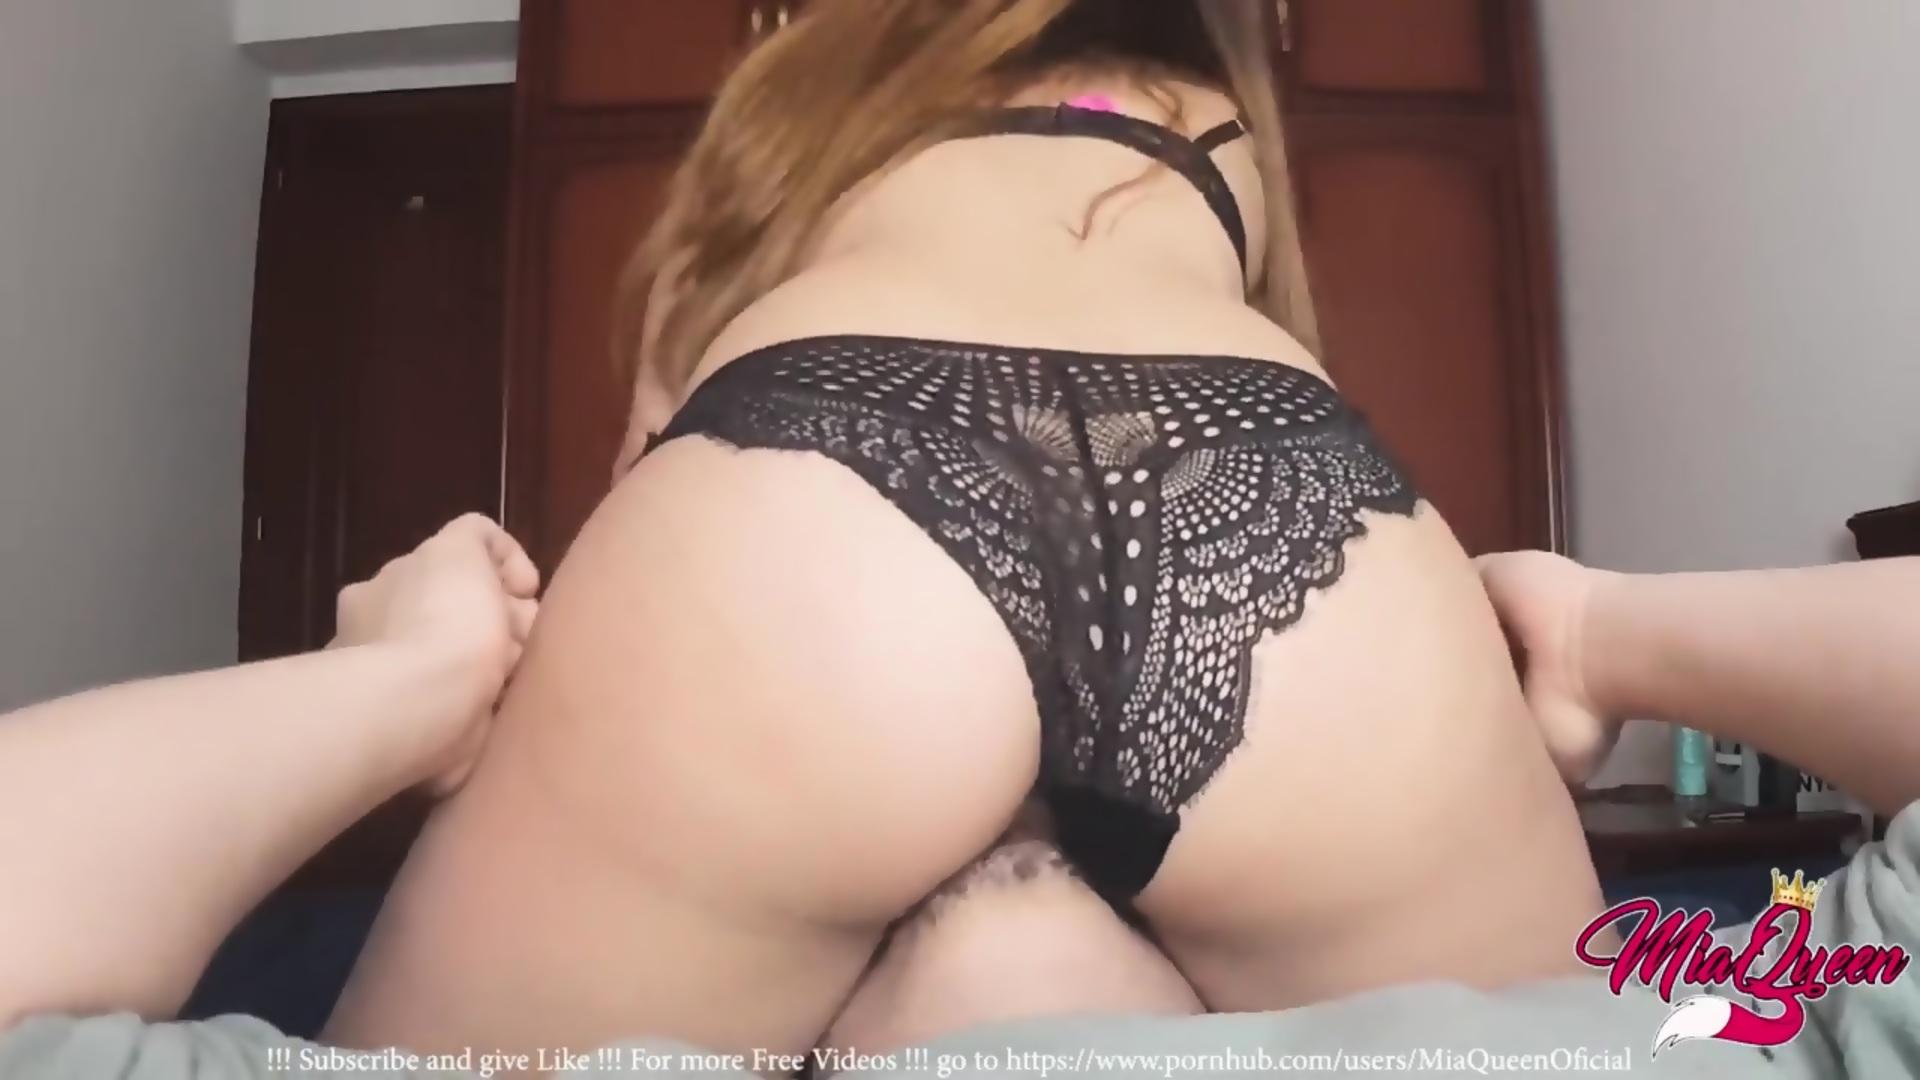 Sexy black female pornstars nude pics